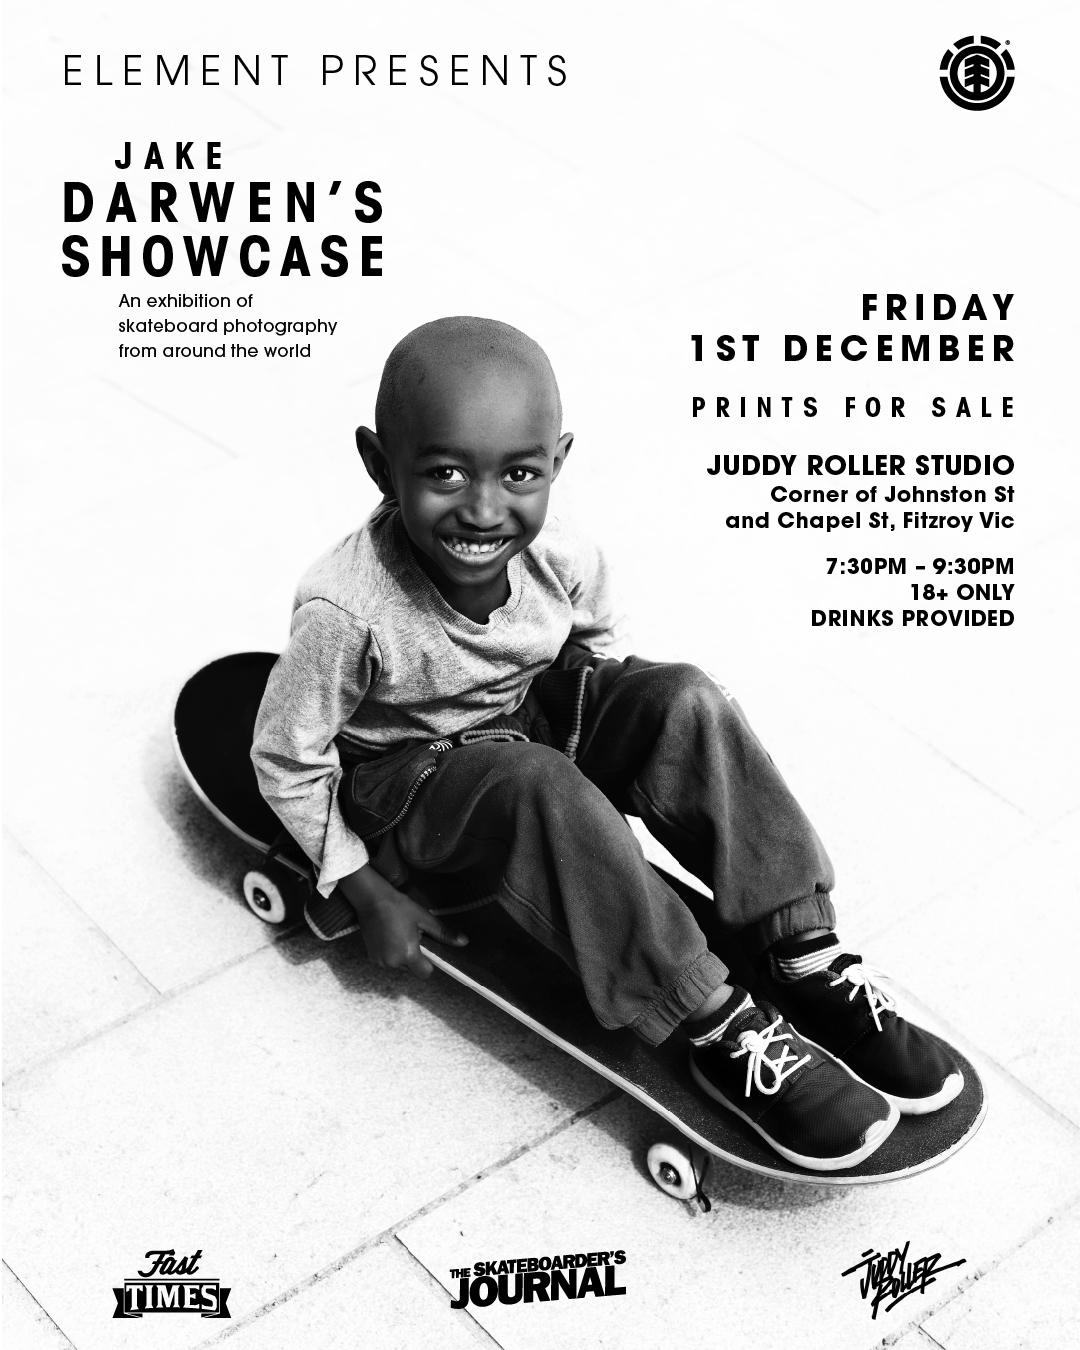 Jake Darwen Exhibition - December 1st | Save the date!!